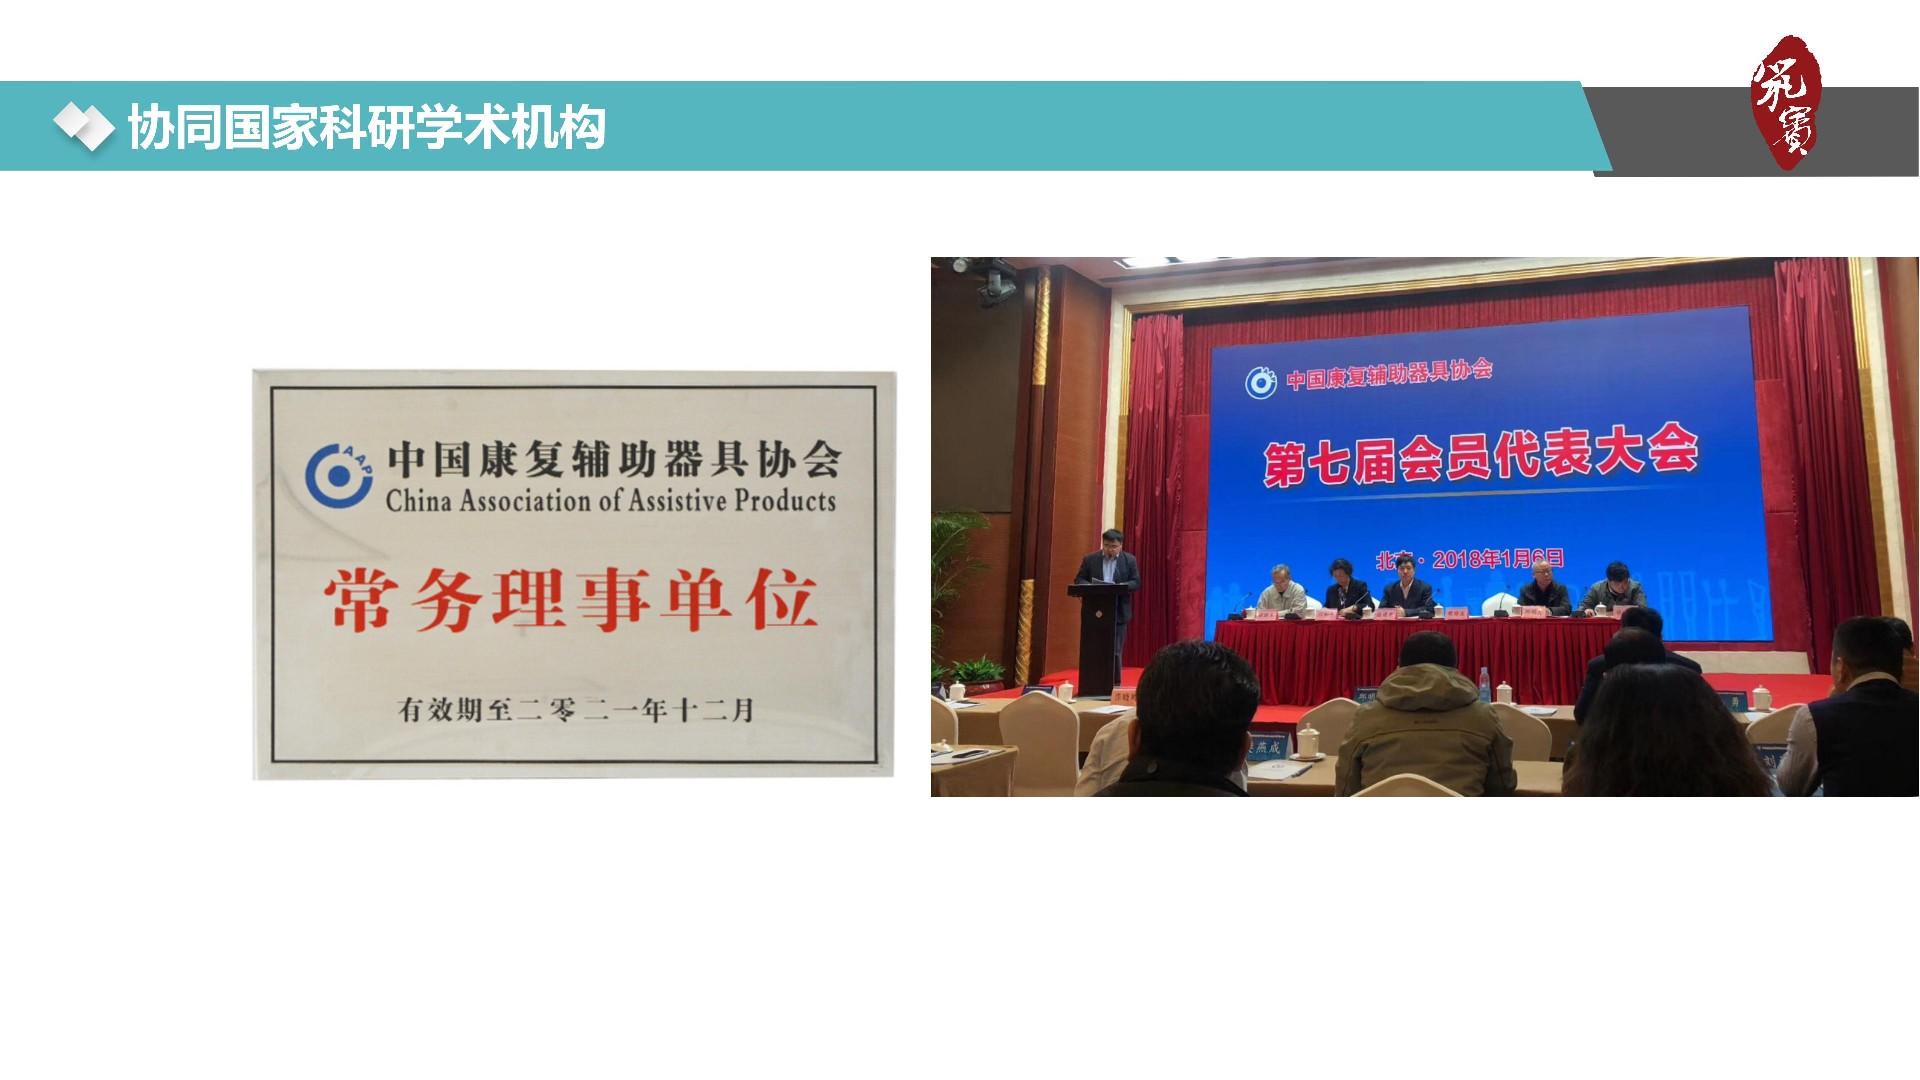 raybet雷竞雷竞技电竞官网雷竞技平台产业有限公司简介_06.jpg